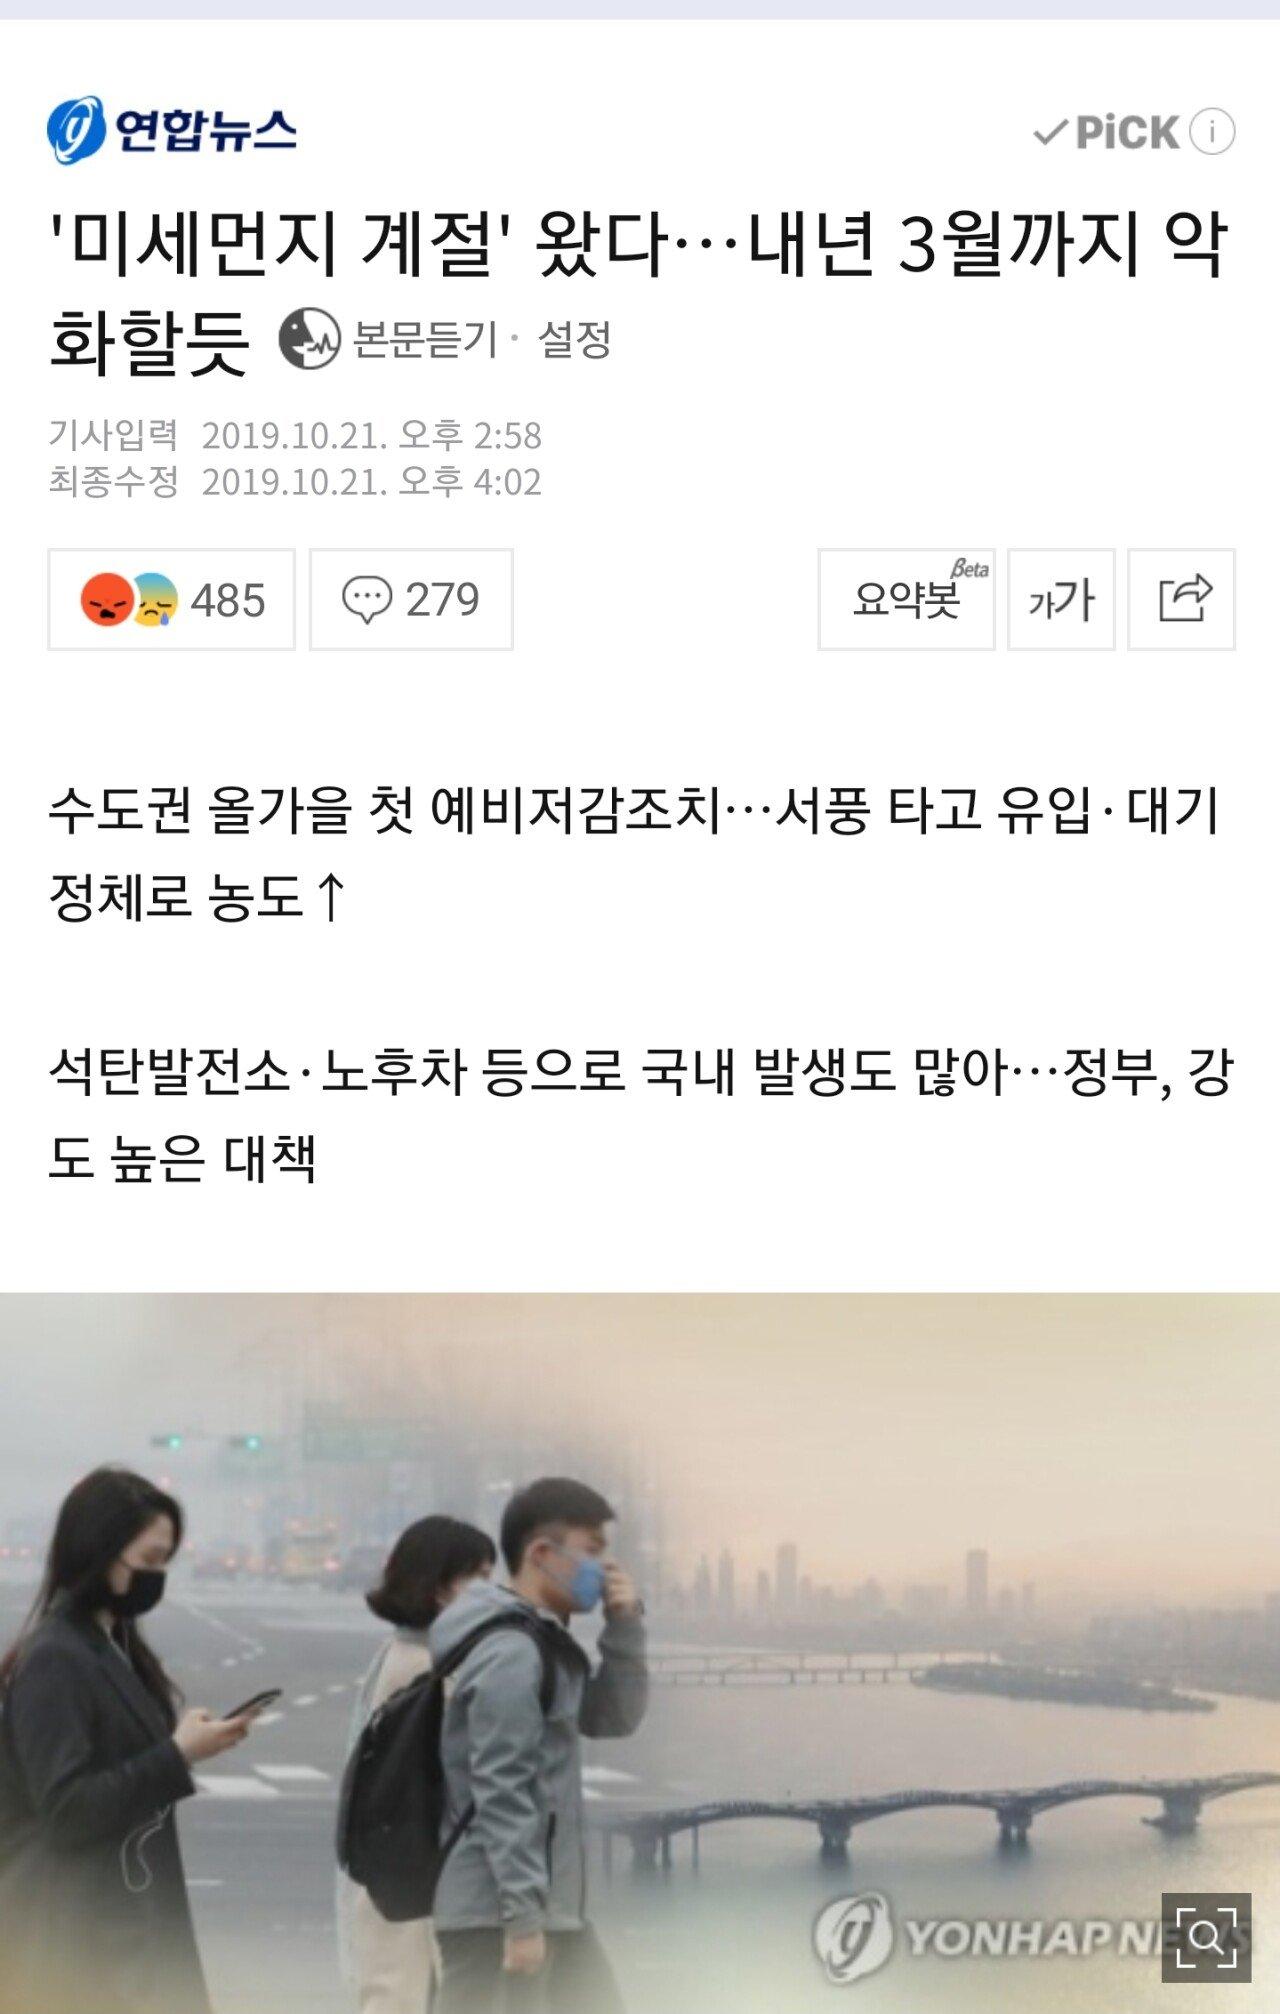 https://image.fmkorea.com/files/attach/new/20191021/486616/1261258042/2304480218/92d44ca05c3a63a8b8de17c45b03b4dc.jpg